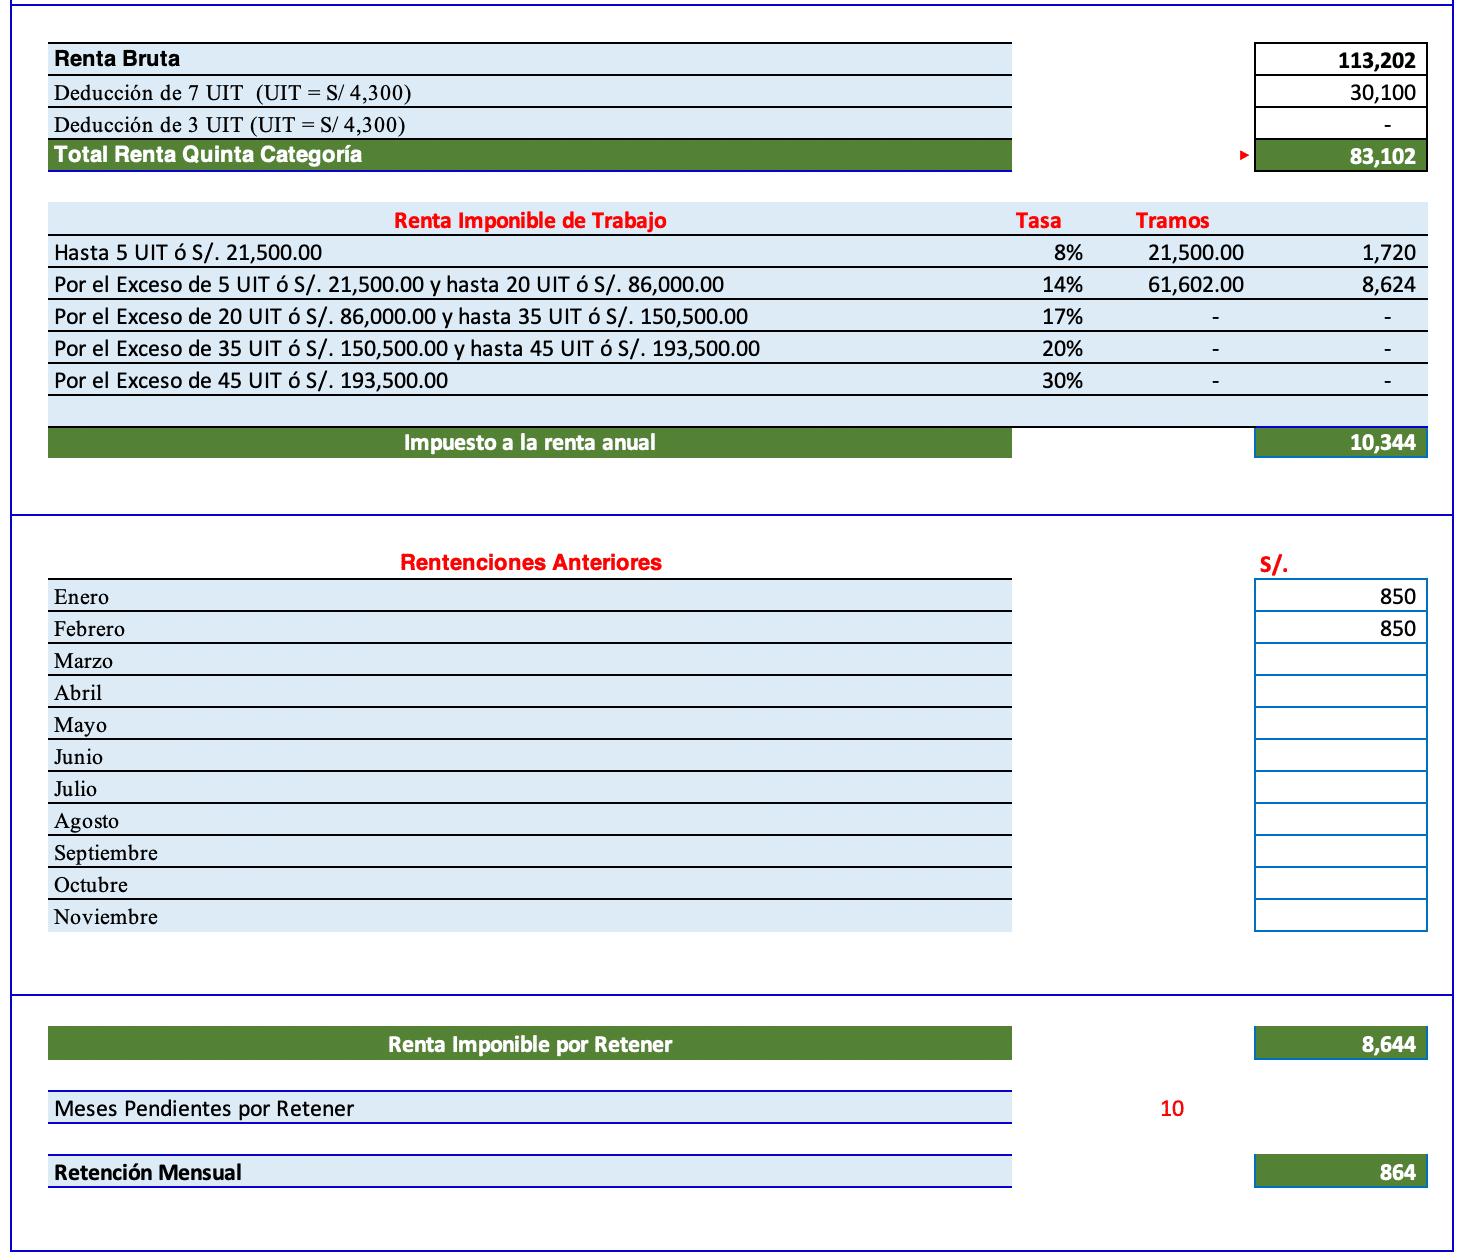 Calculo de Renta de Quinta Categoria 2020